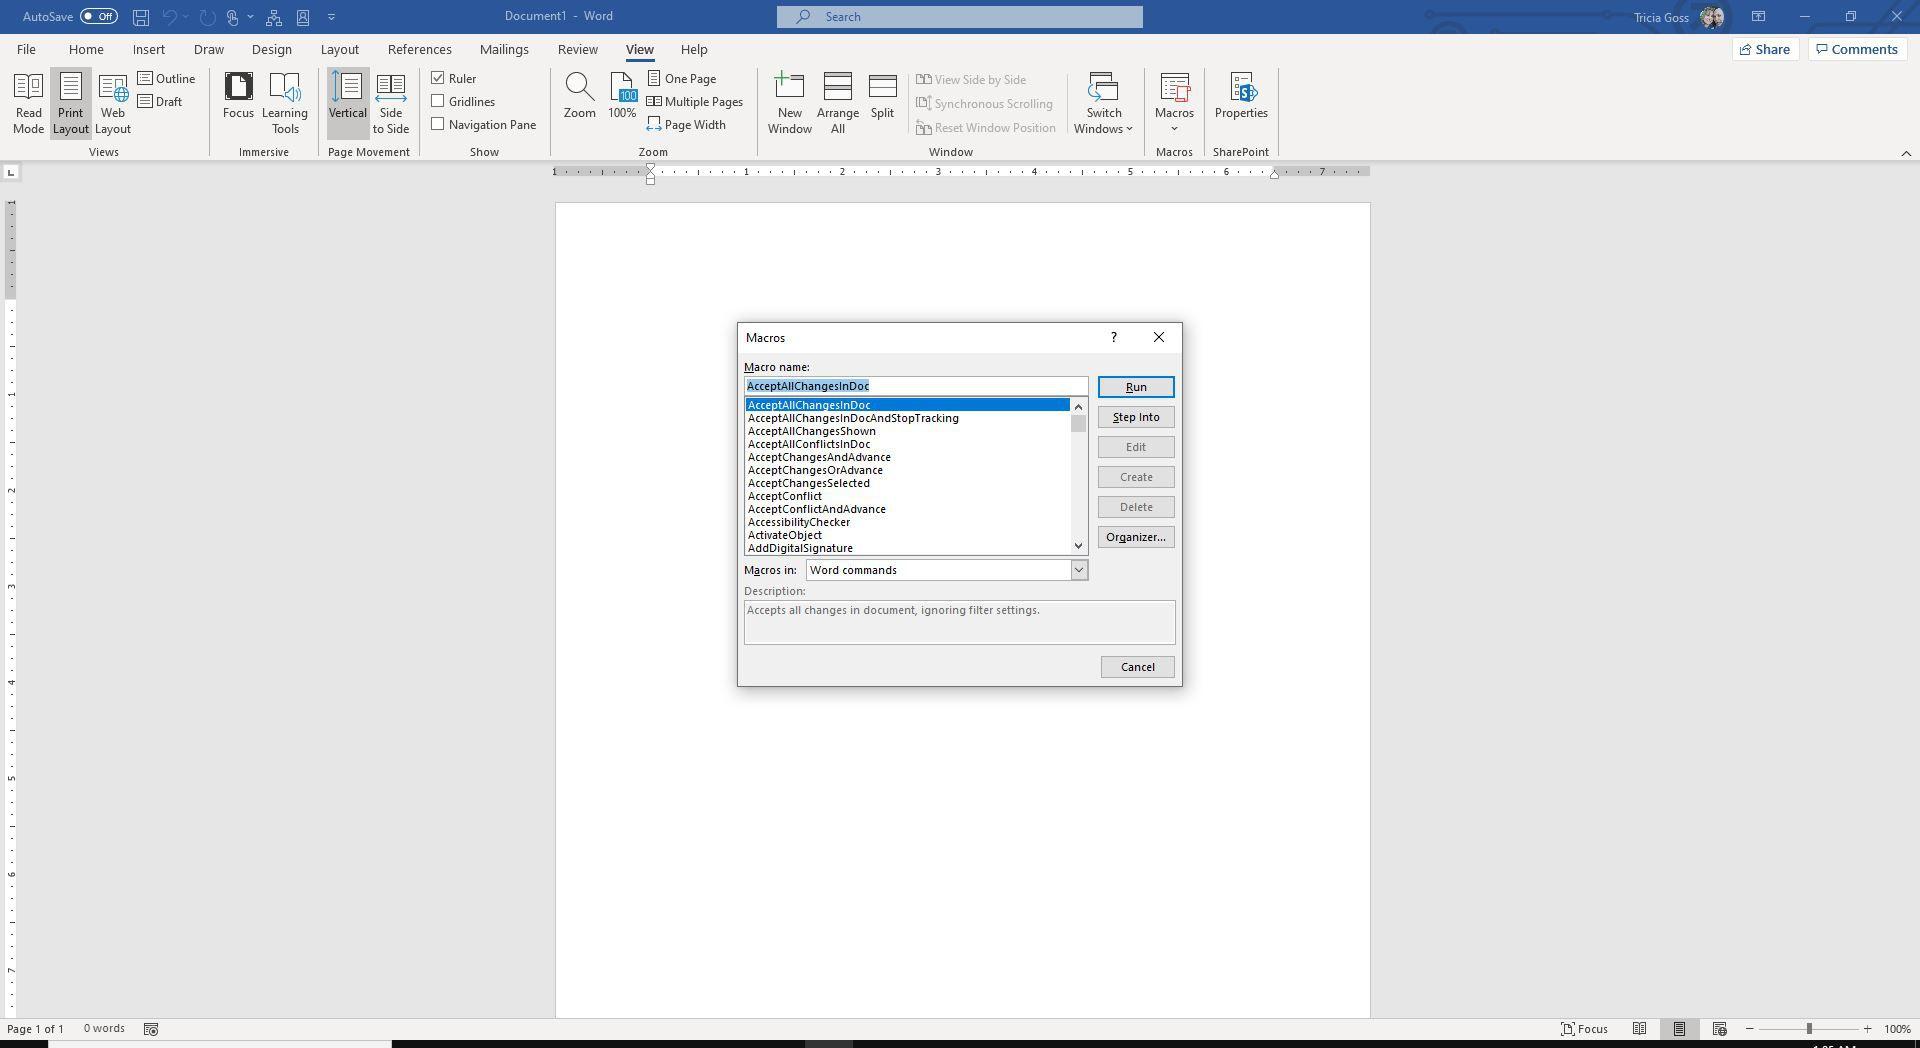 Screenshot of Macros dialog box